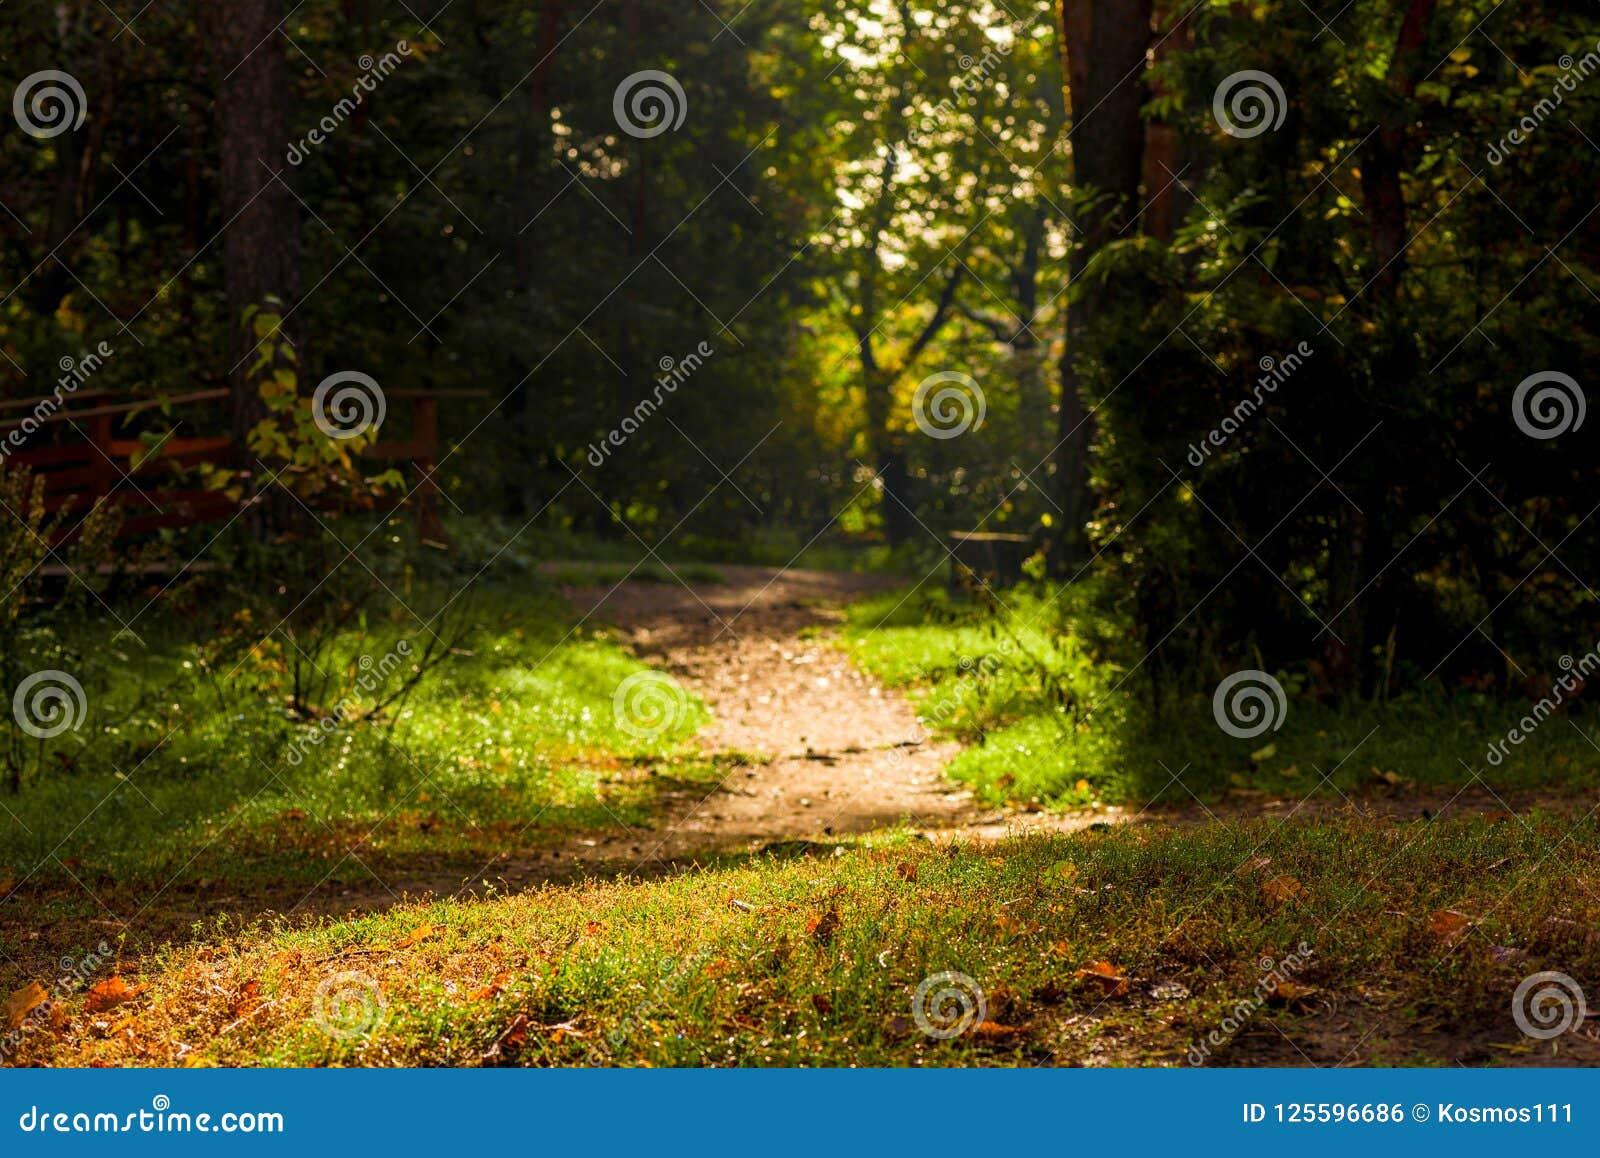 Ciemny ponuractwo krajobraz - lasowa ścieżka